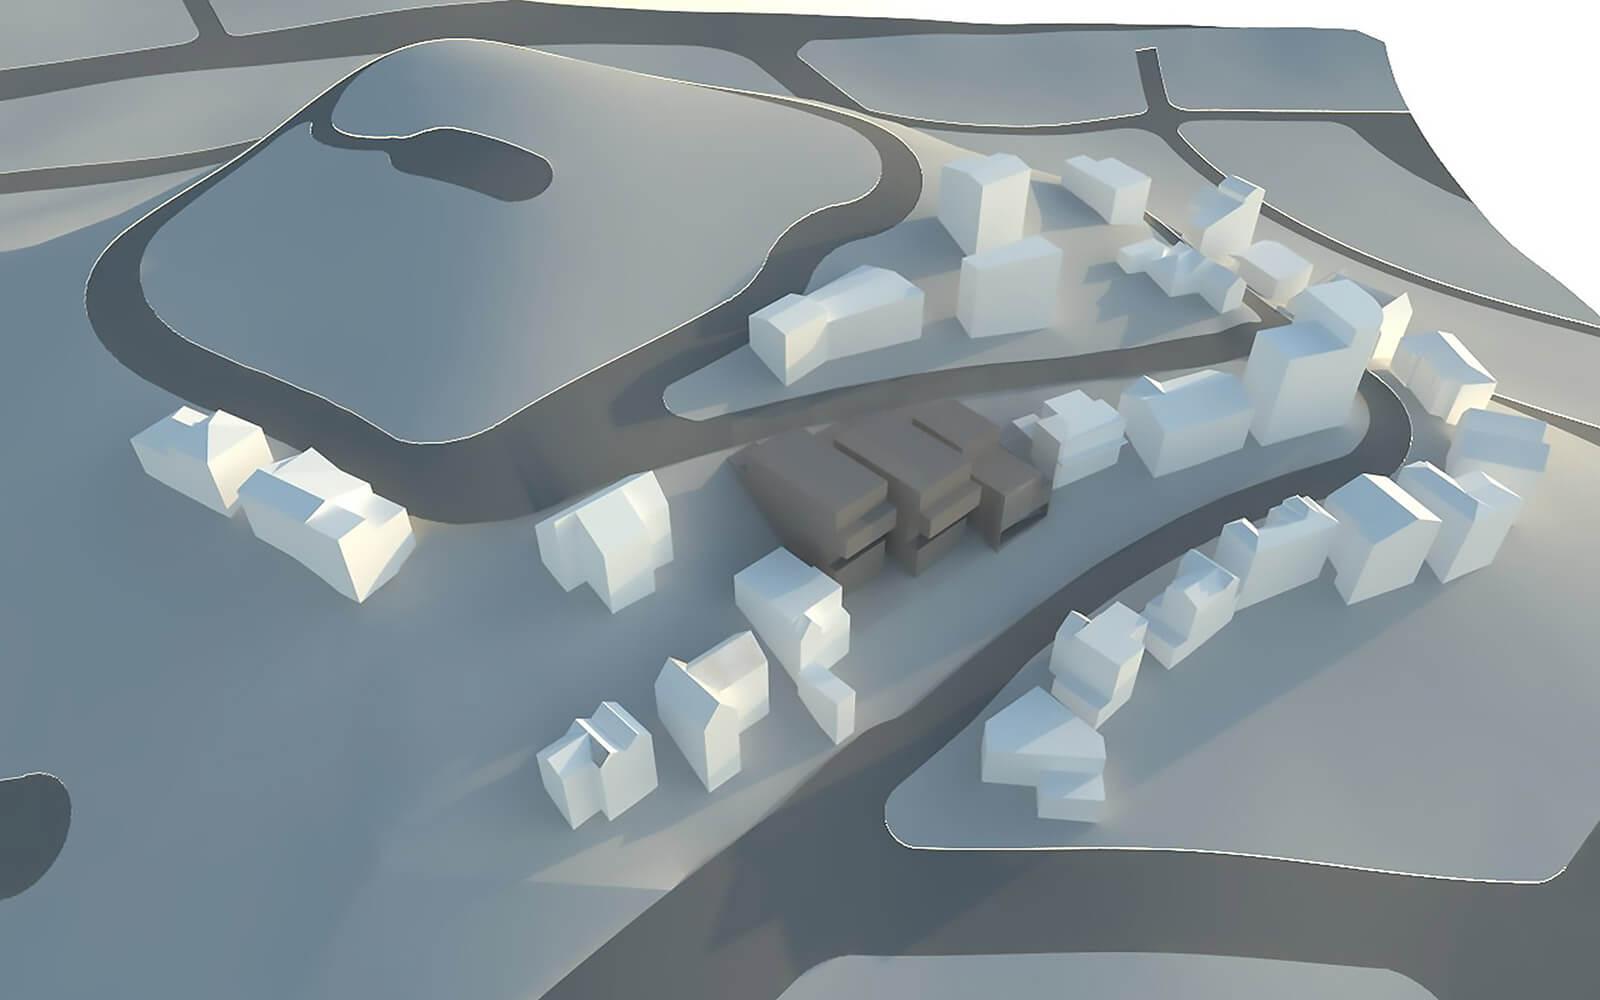 studio vara multifamily hillside master plan drawing exterior